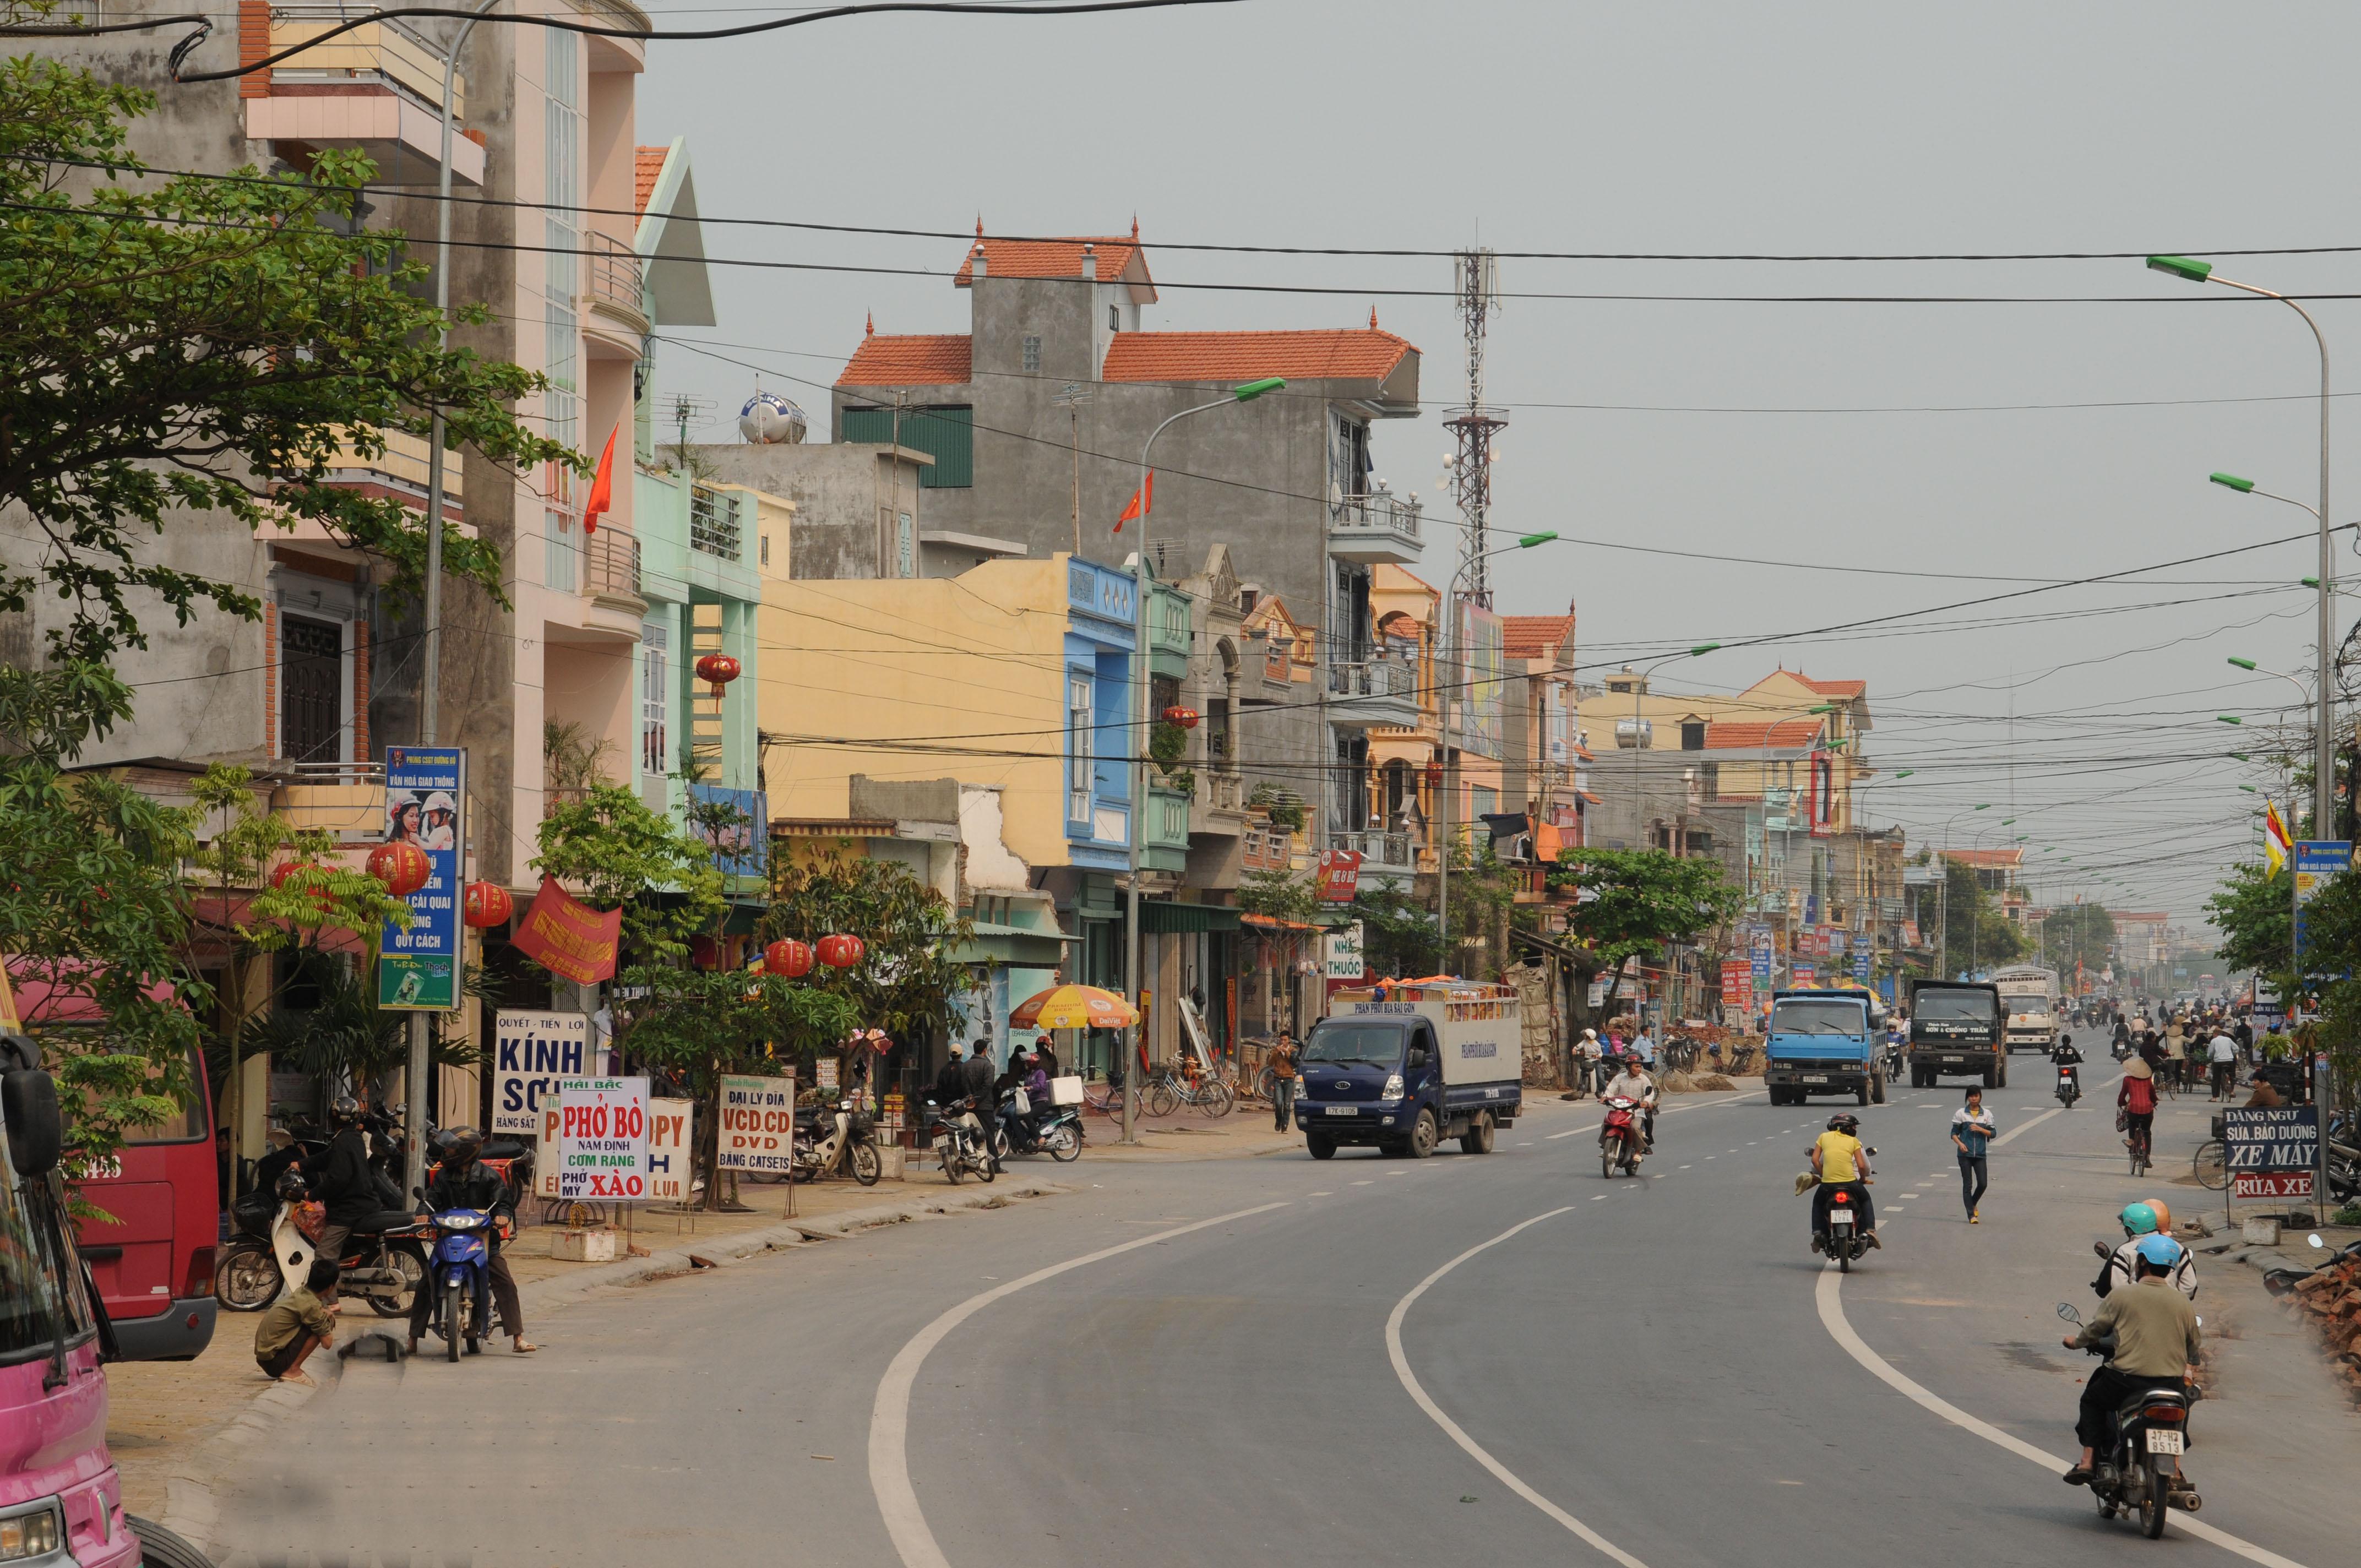 Bán nhớt Repsol chính hãng tại Thái Bình